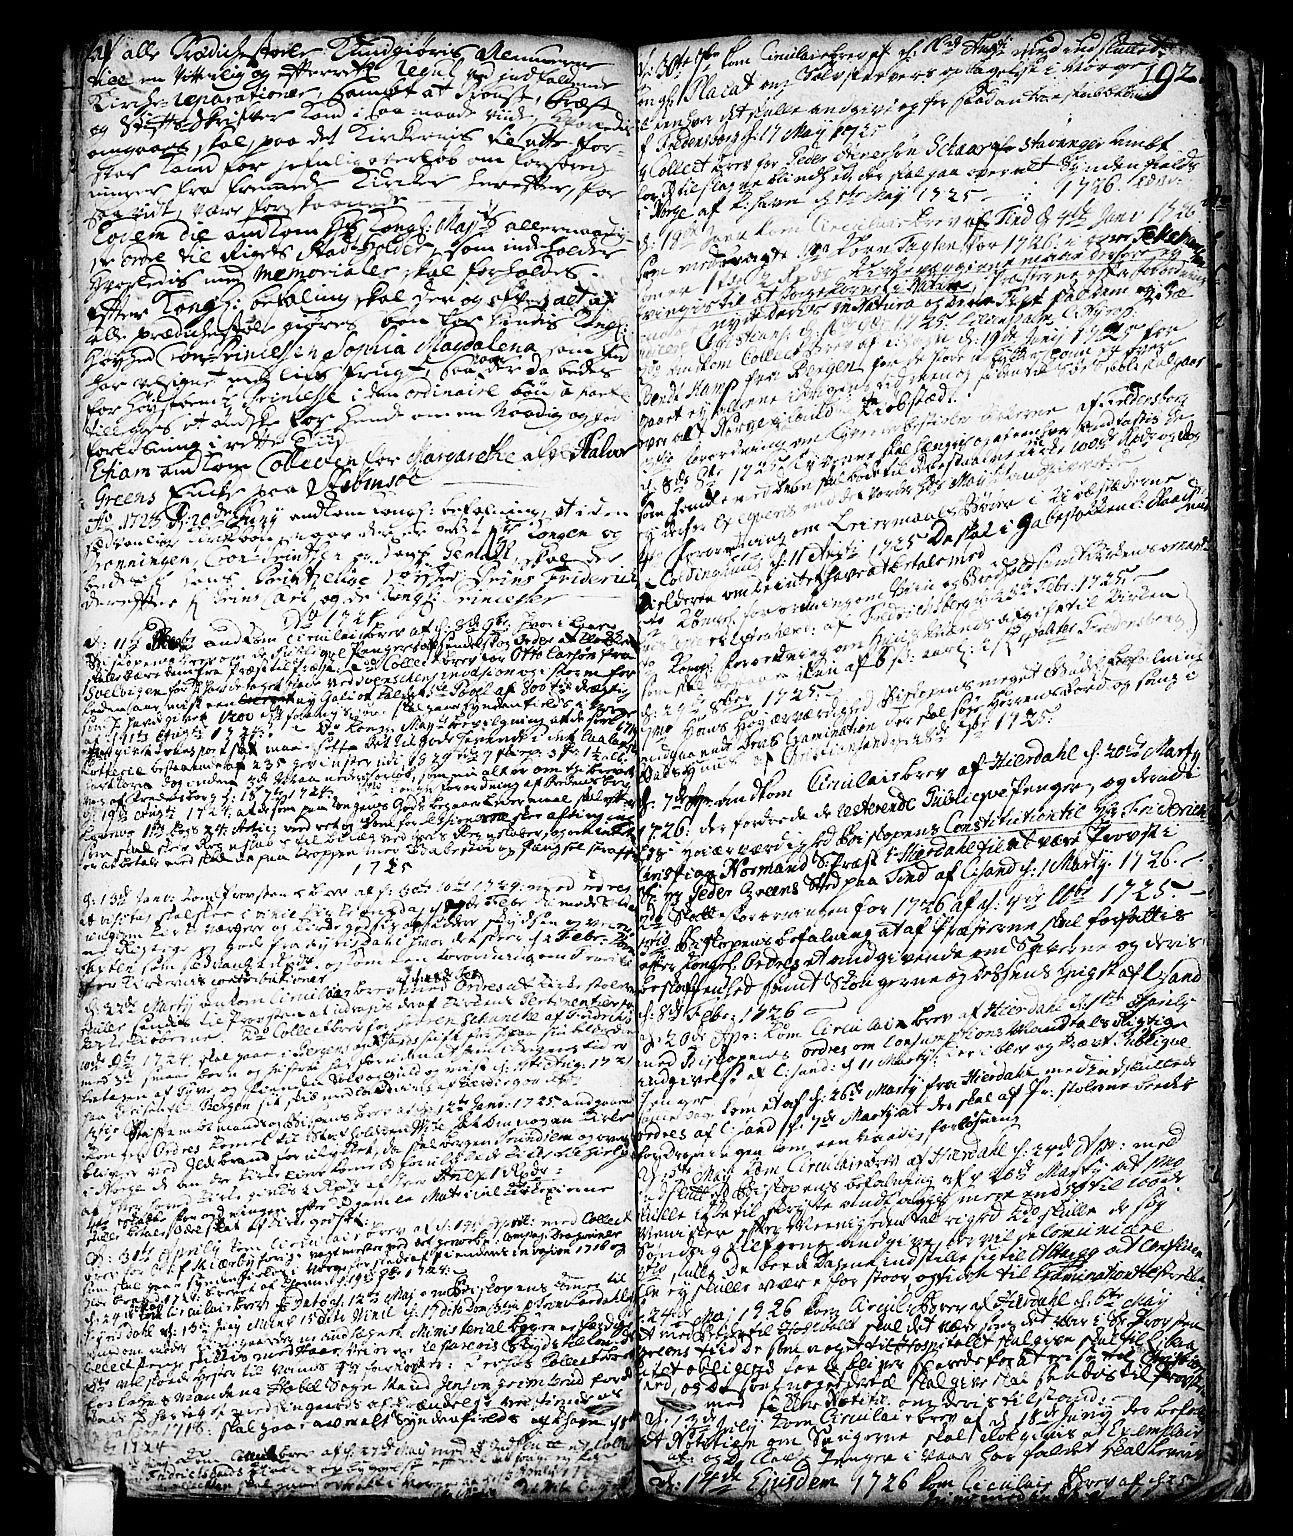 SAKO, Vinje kirkebøker, F/Fa/L0001: Ministerialbok nr. I 1, 1717-1766, s. 192